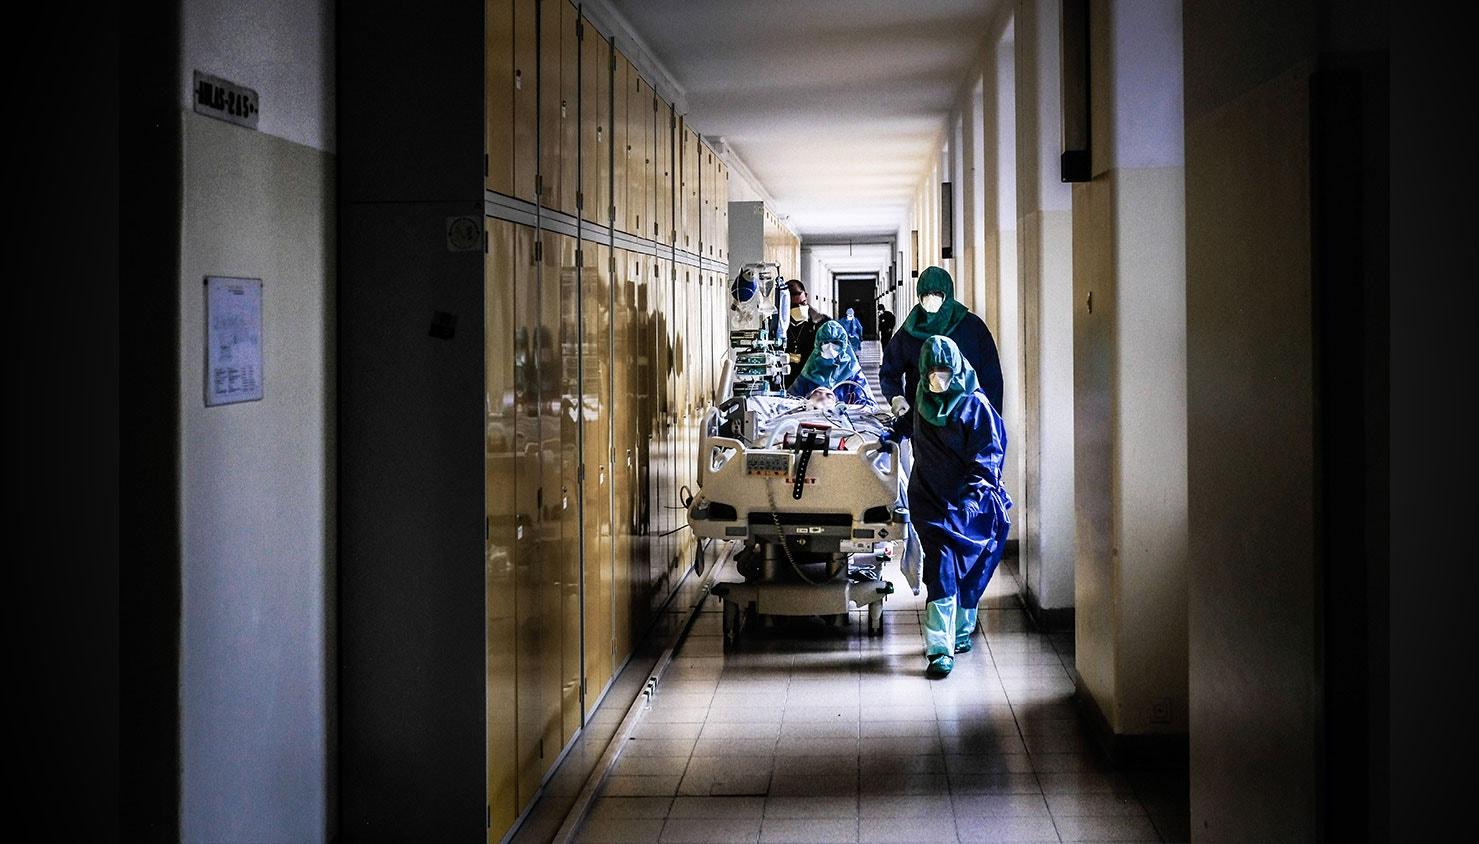 Enfermeiros encaminham um doente para a Unidade de cuidados intensivos dos doentes com Covid-19 depois de ter realizado uma tomografia axial computorizada (TAC). / Mário Cruz - Lusa